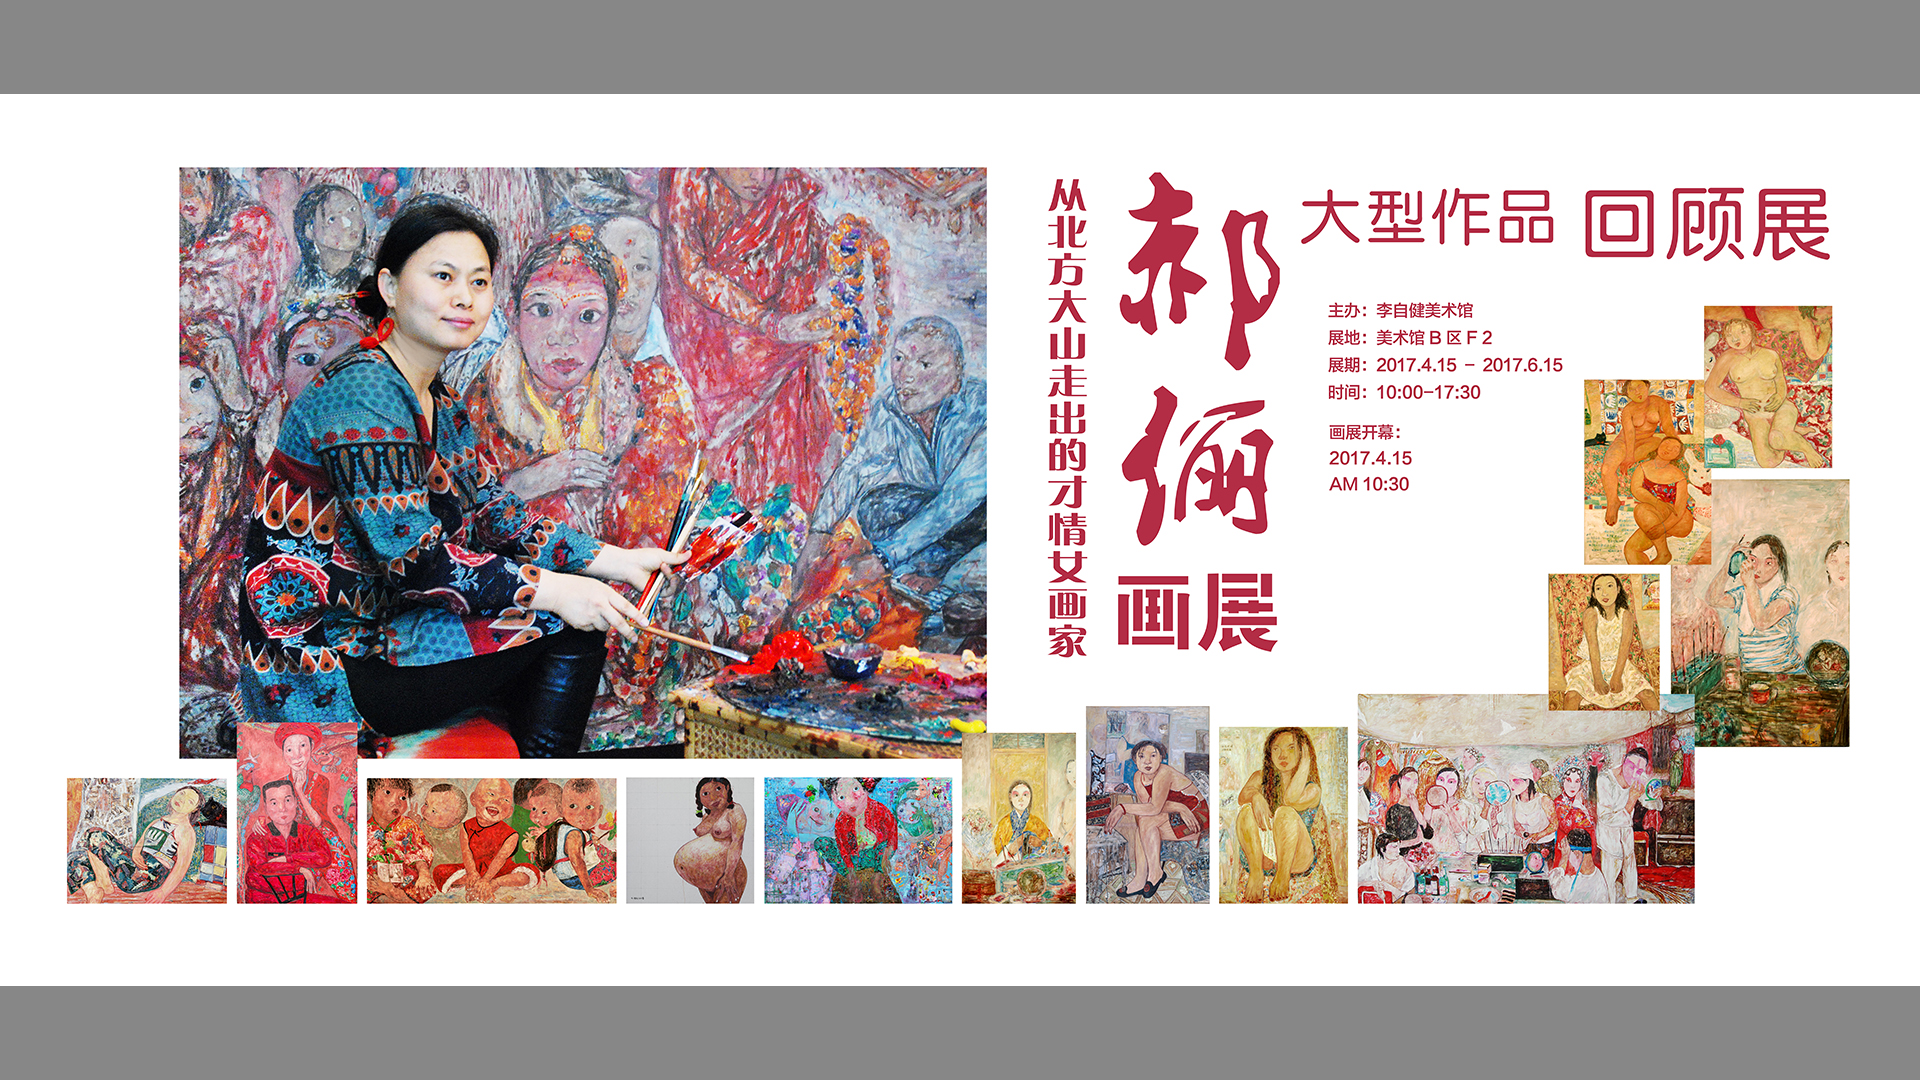 郝俪作品回顾展4月15日亮相李自健美术馆!